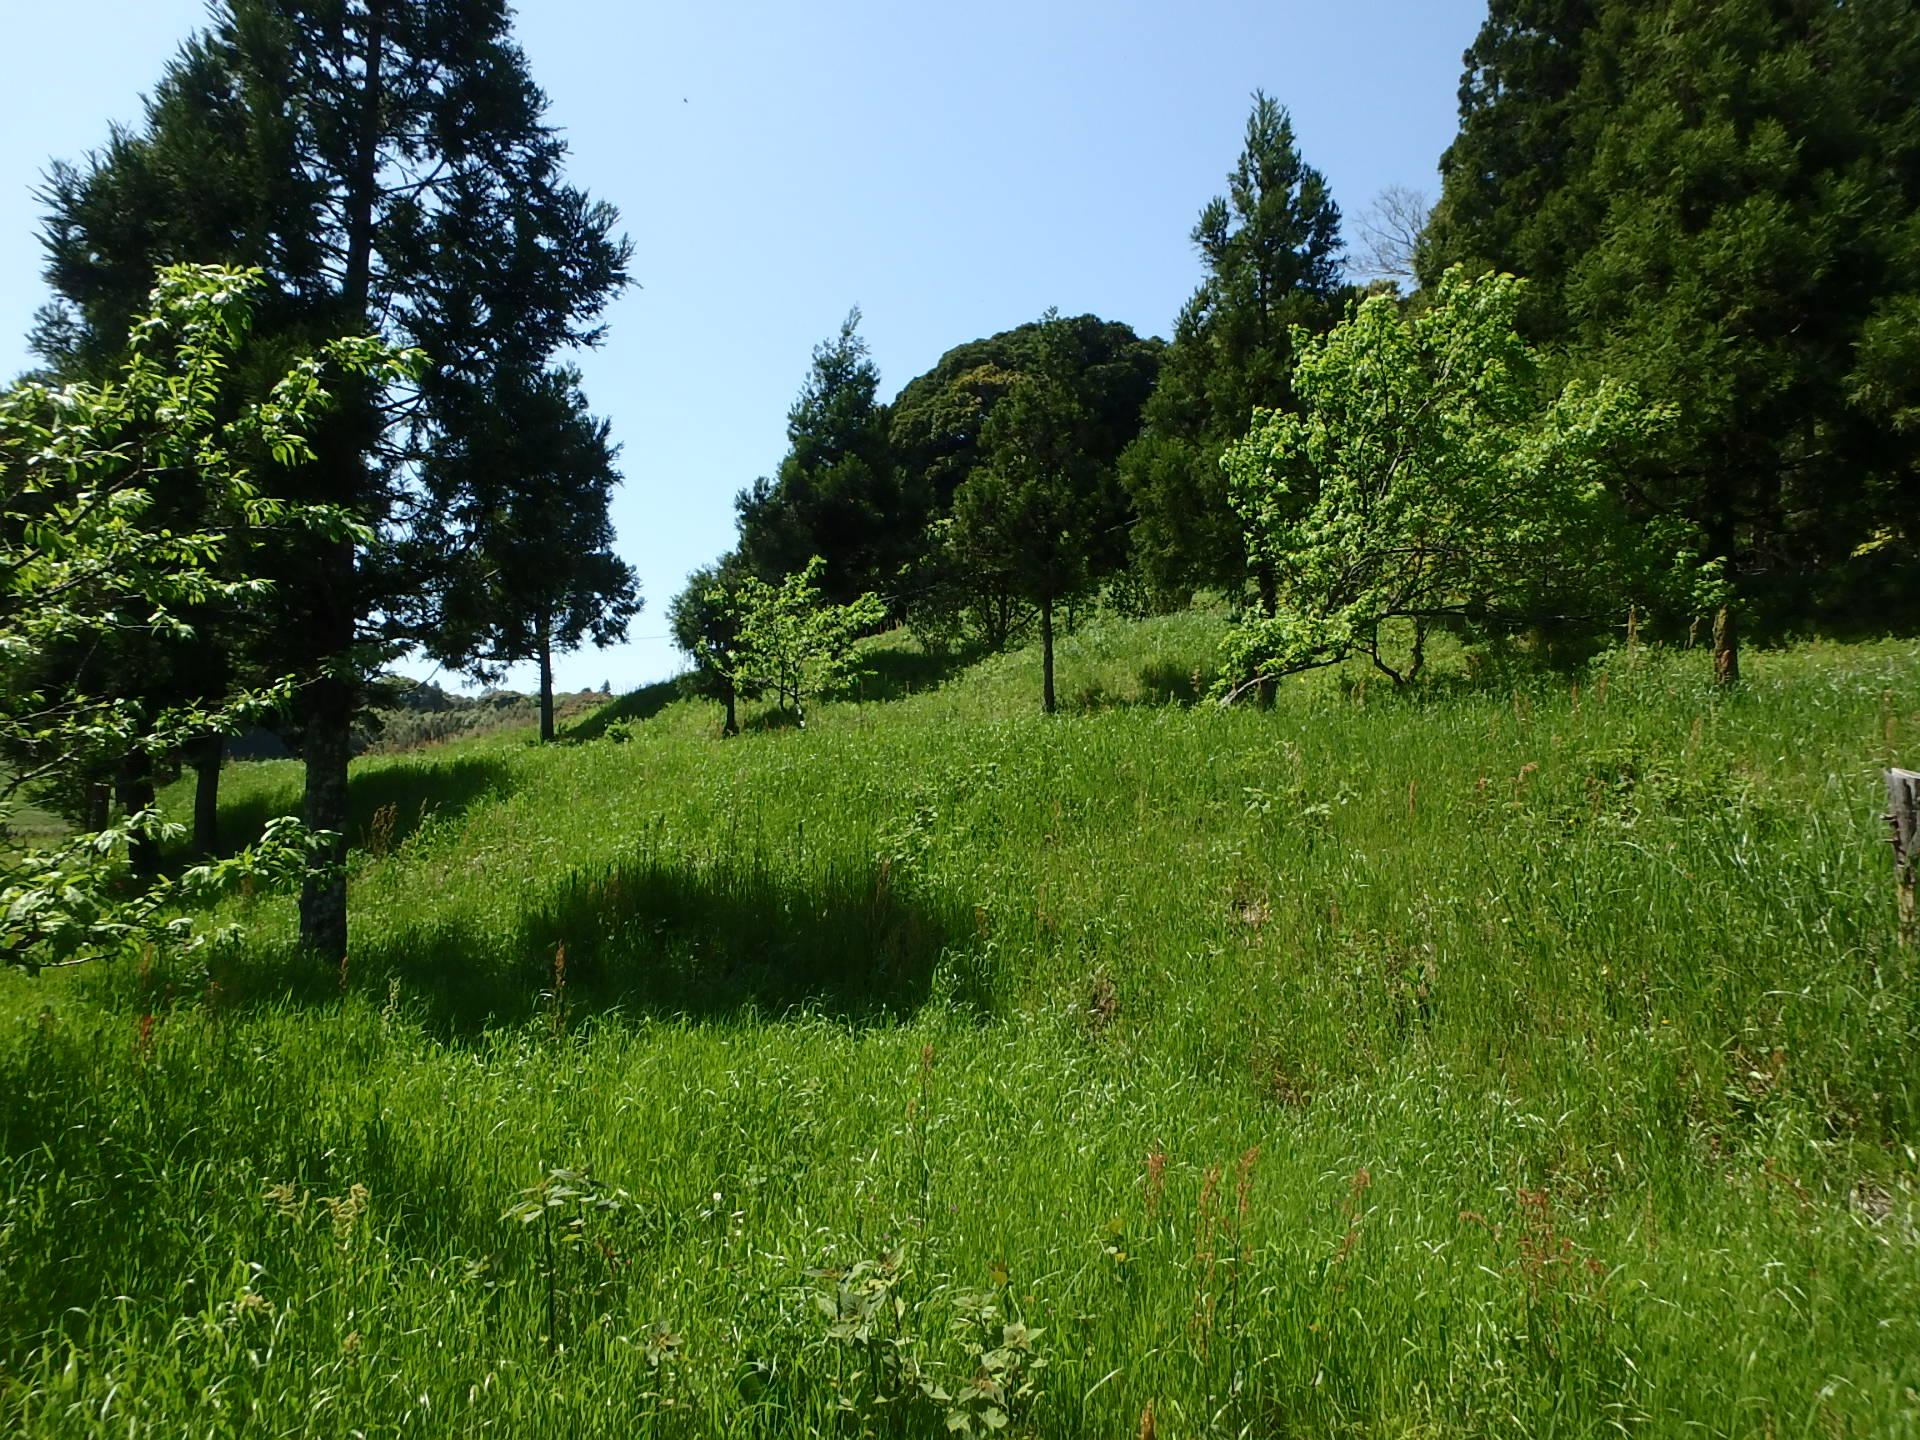 千葉県鴨川市平塚の不動産、山林、キャンプ用地に最適、お申込みいただきました